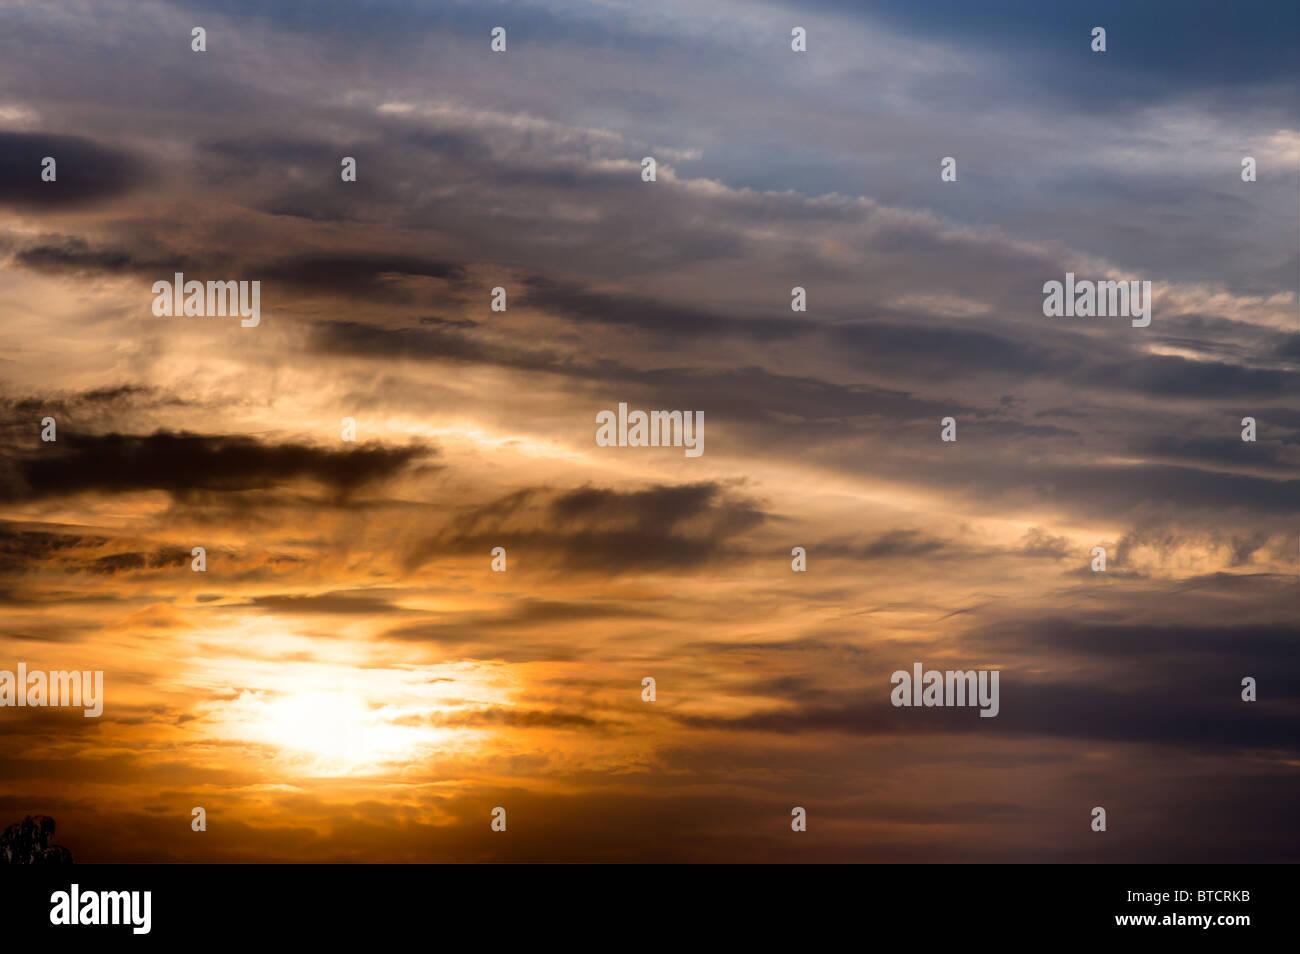 Sonnenuntergang mit beeindruckenden Wolkenstruktur Stockbild